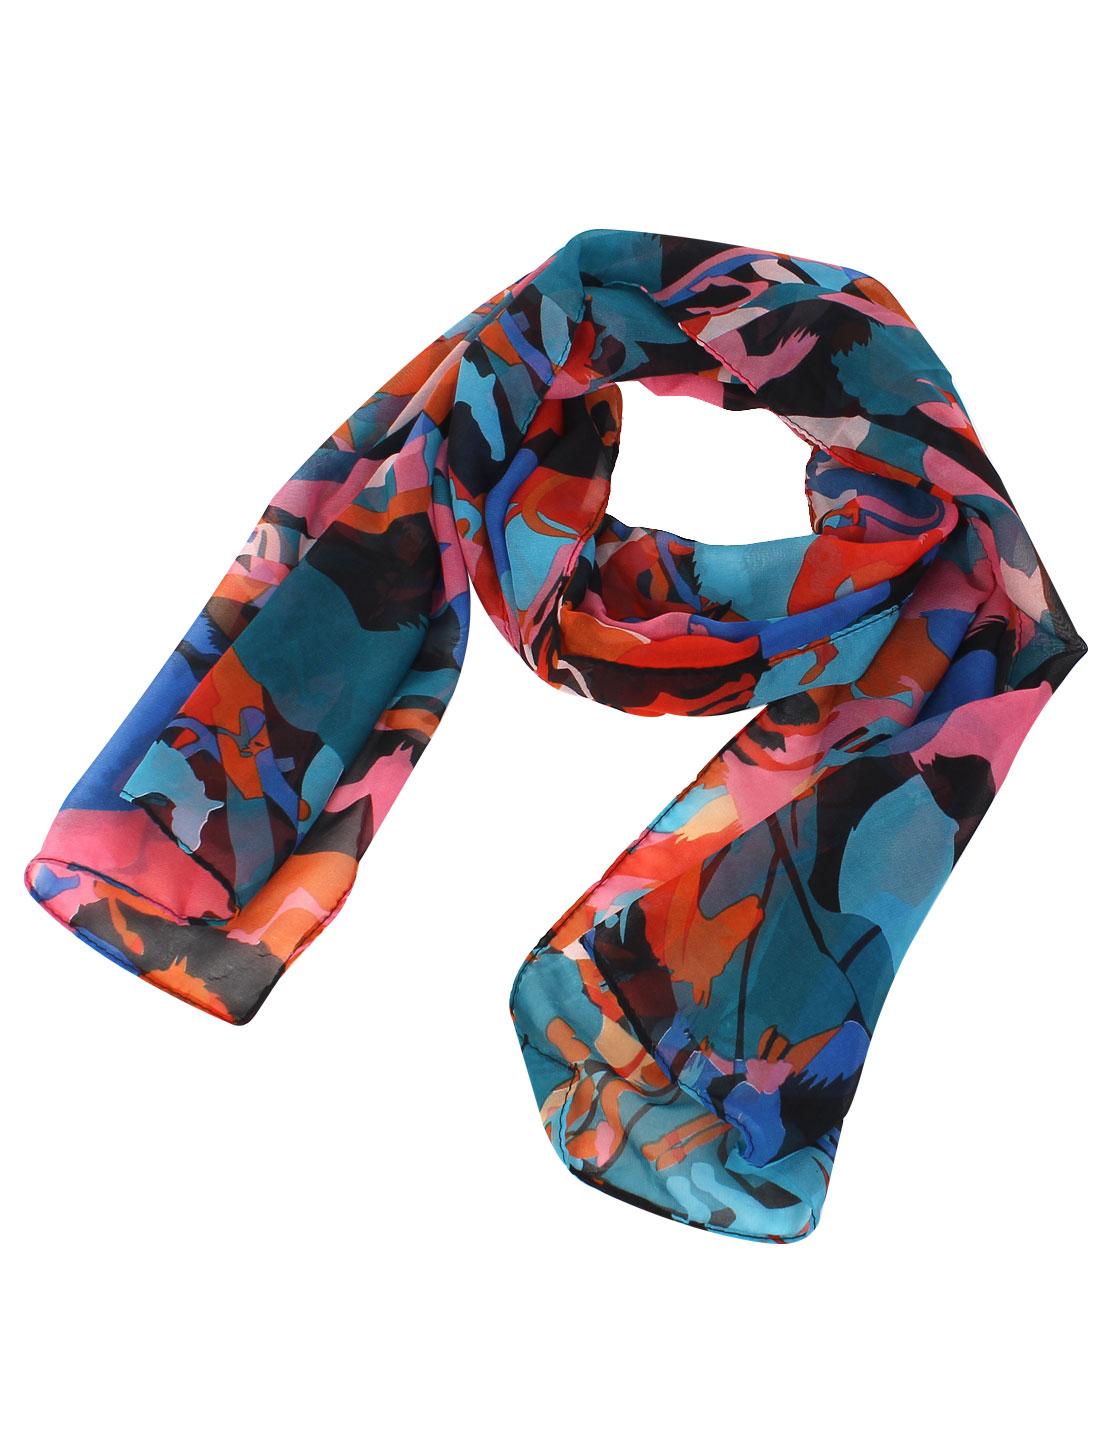 Women Fashion Cartoon Horse Print Long Soft Chiffon Scarf Shawl Wrap Multicolor